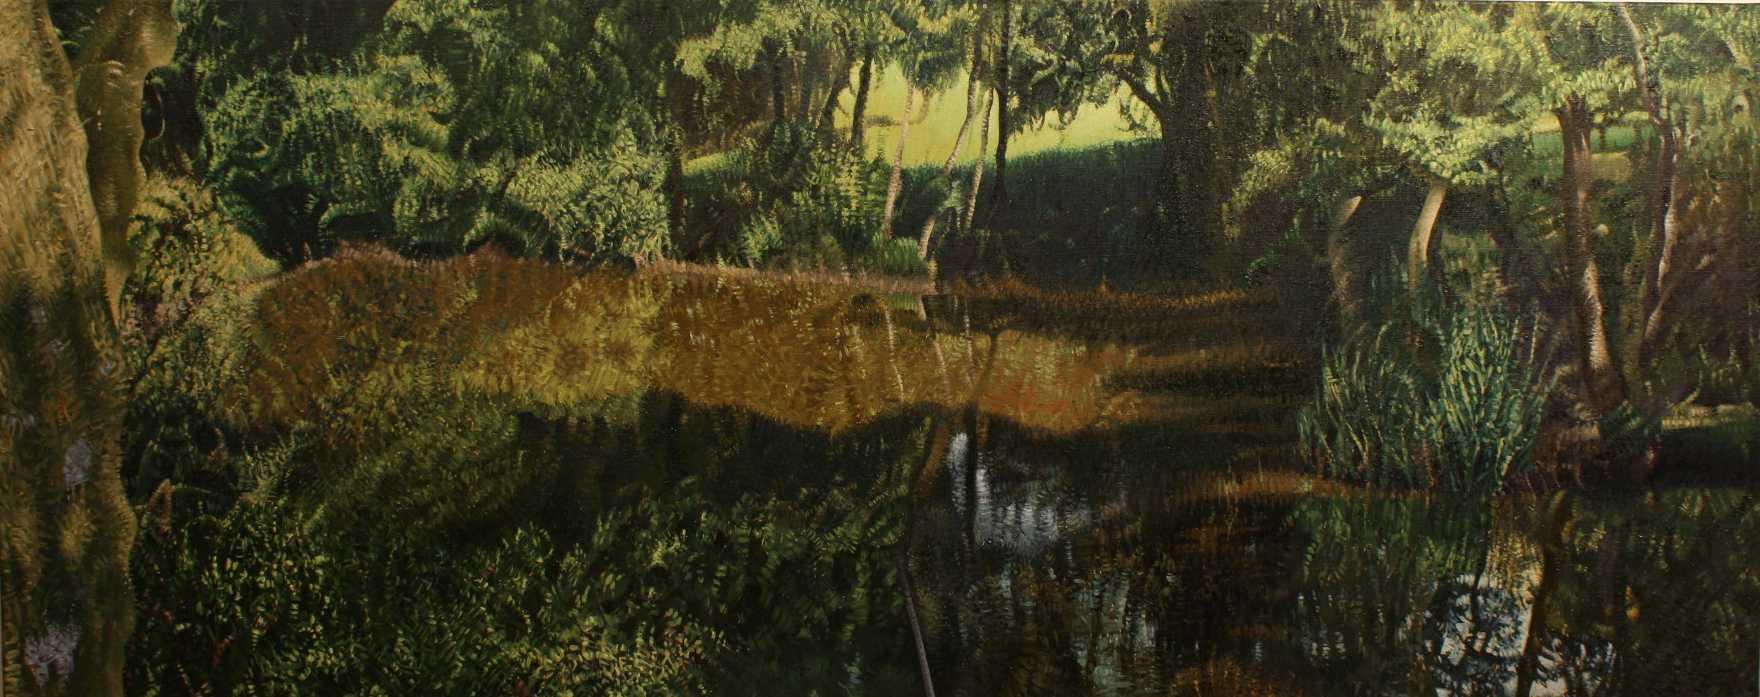 Medieval pond